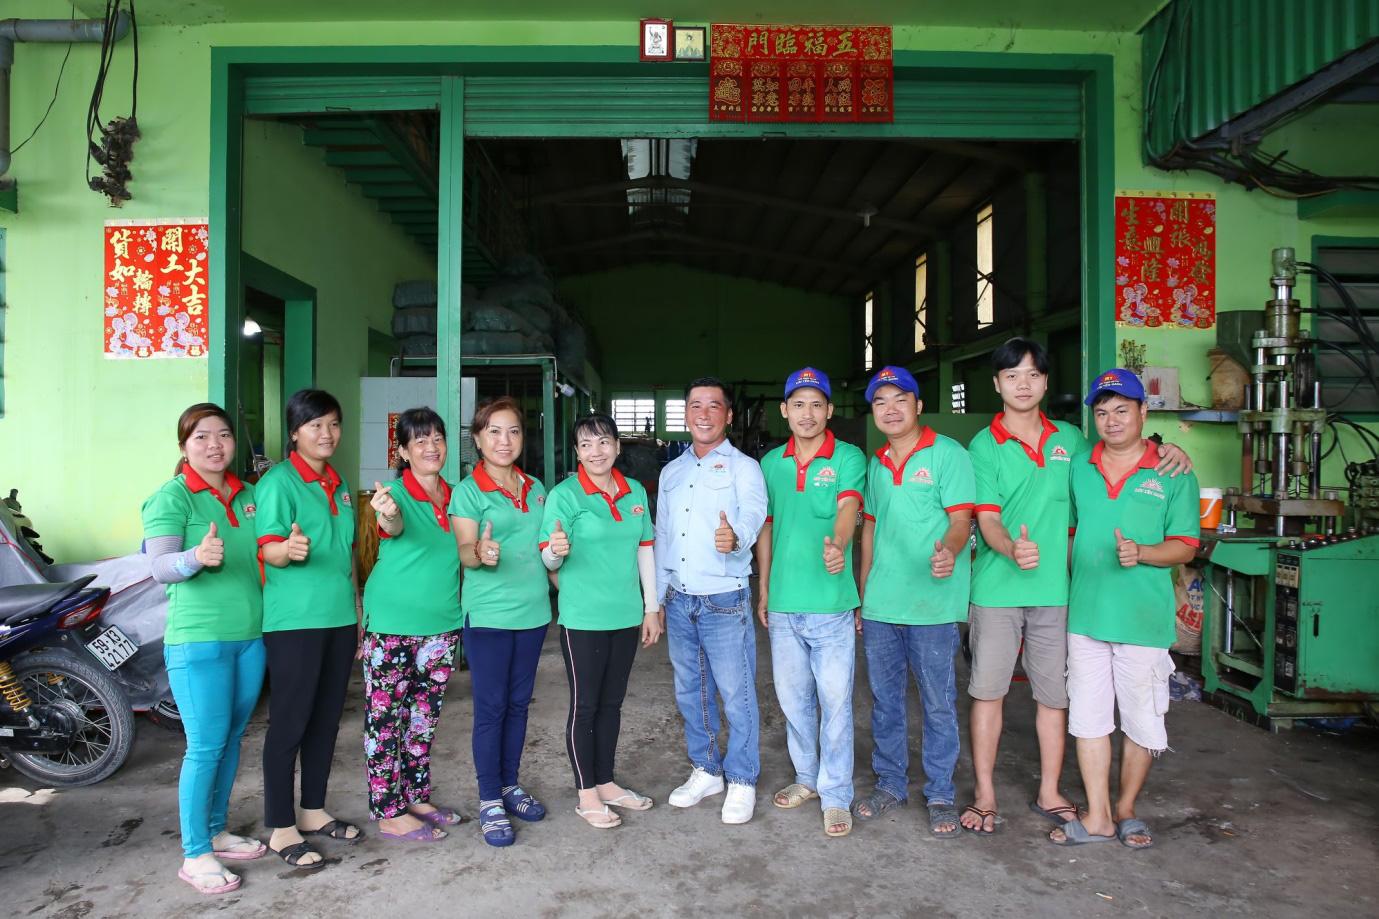 Doanh nhân Trần Lưu Bảo Đại: Gia đình luôn luôn là điểm tựa vững chắc để hướng tới thành công - Ảnh 4.